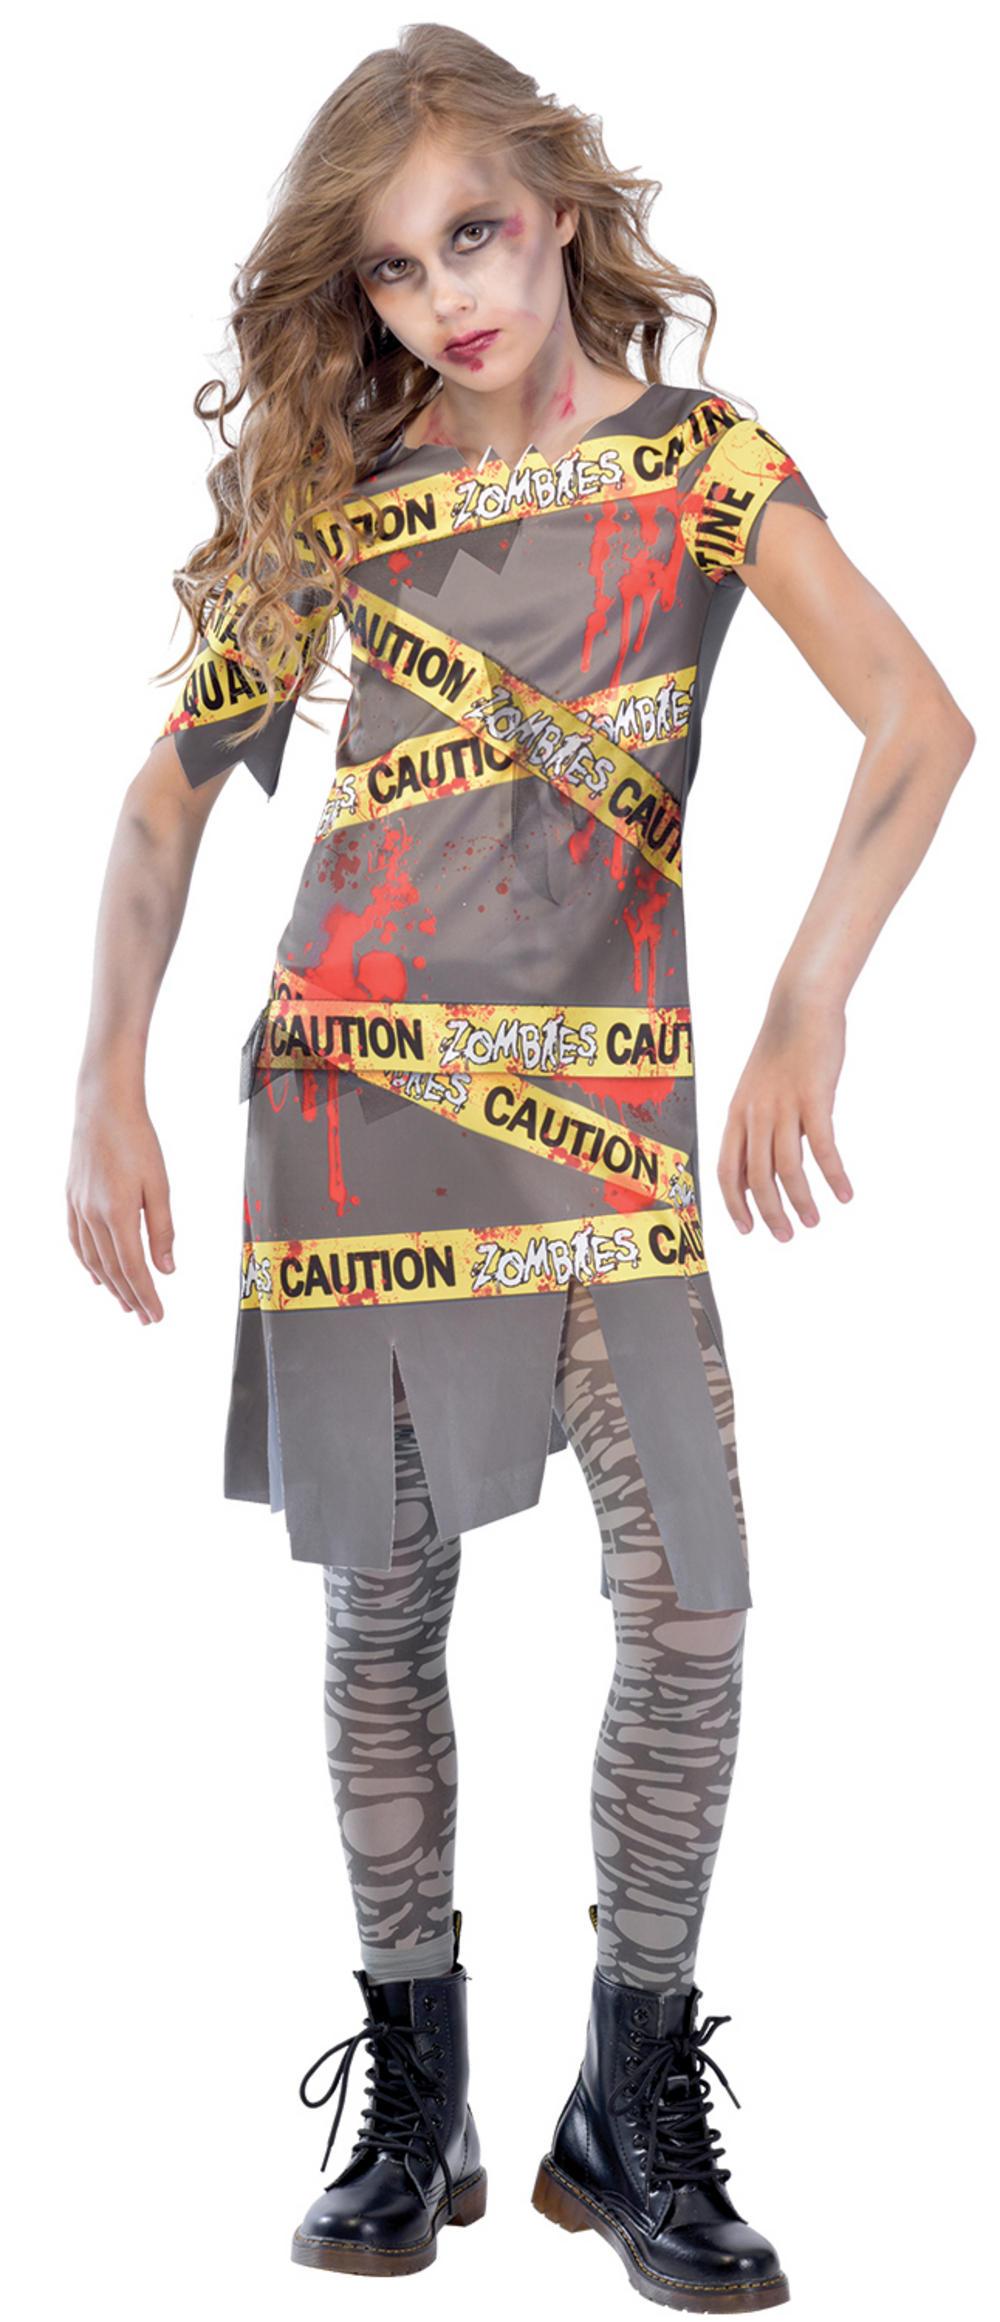 Caution Zombie Girls Costume